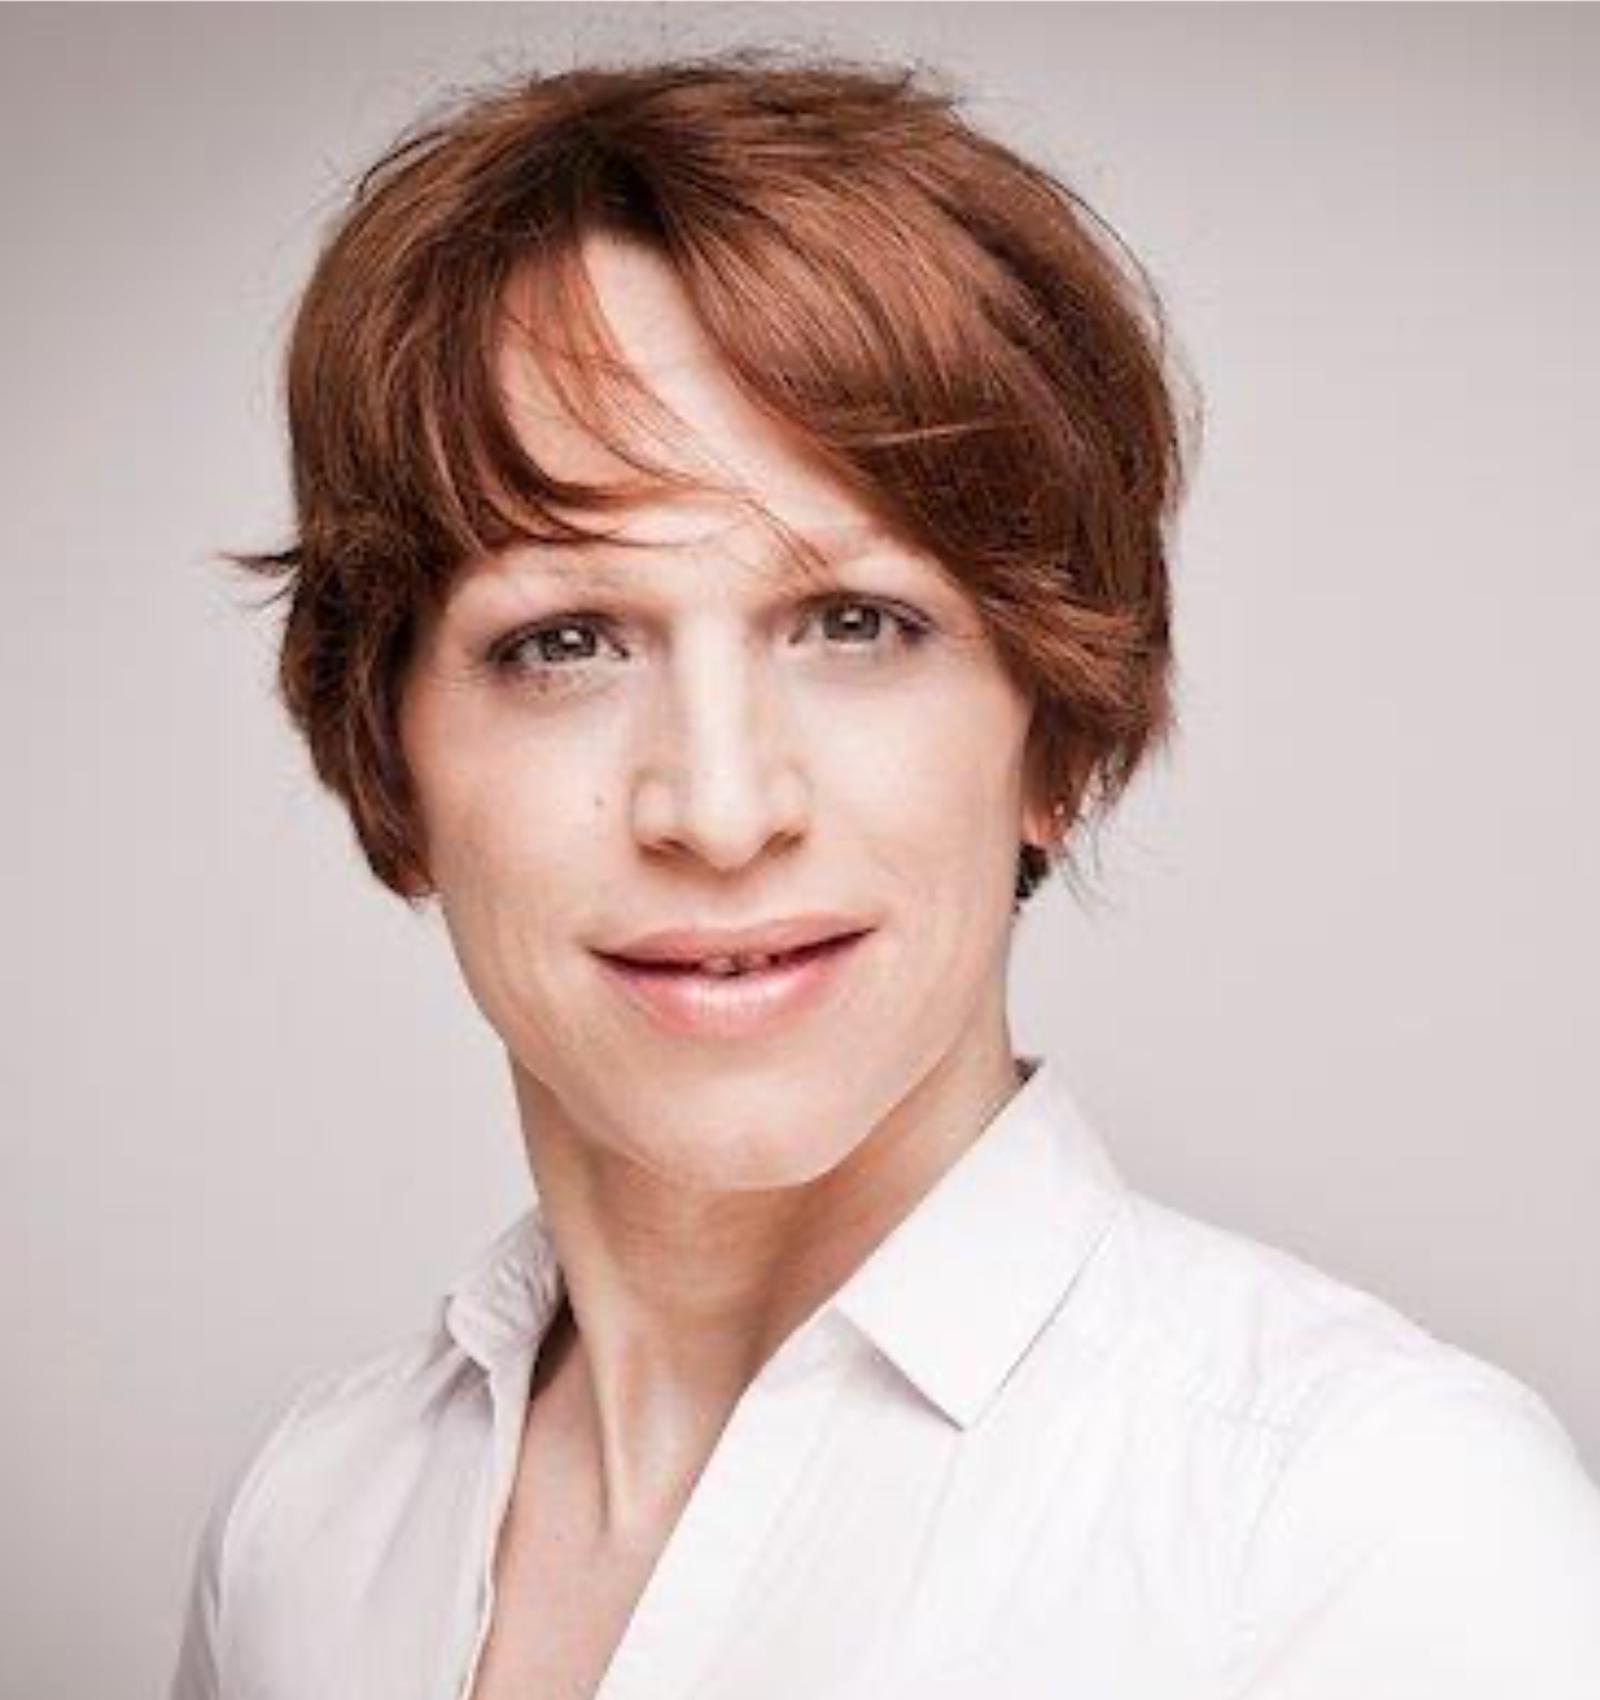 Dana Mahr